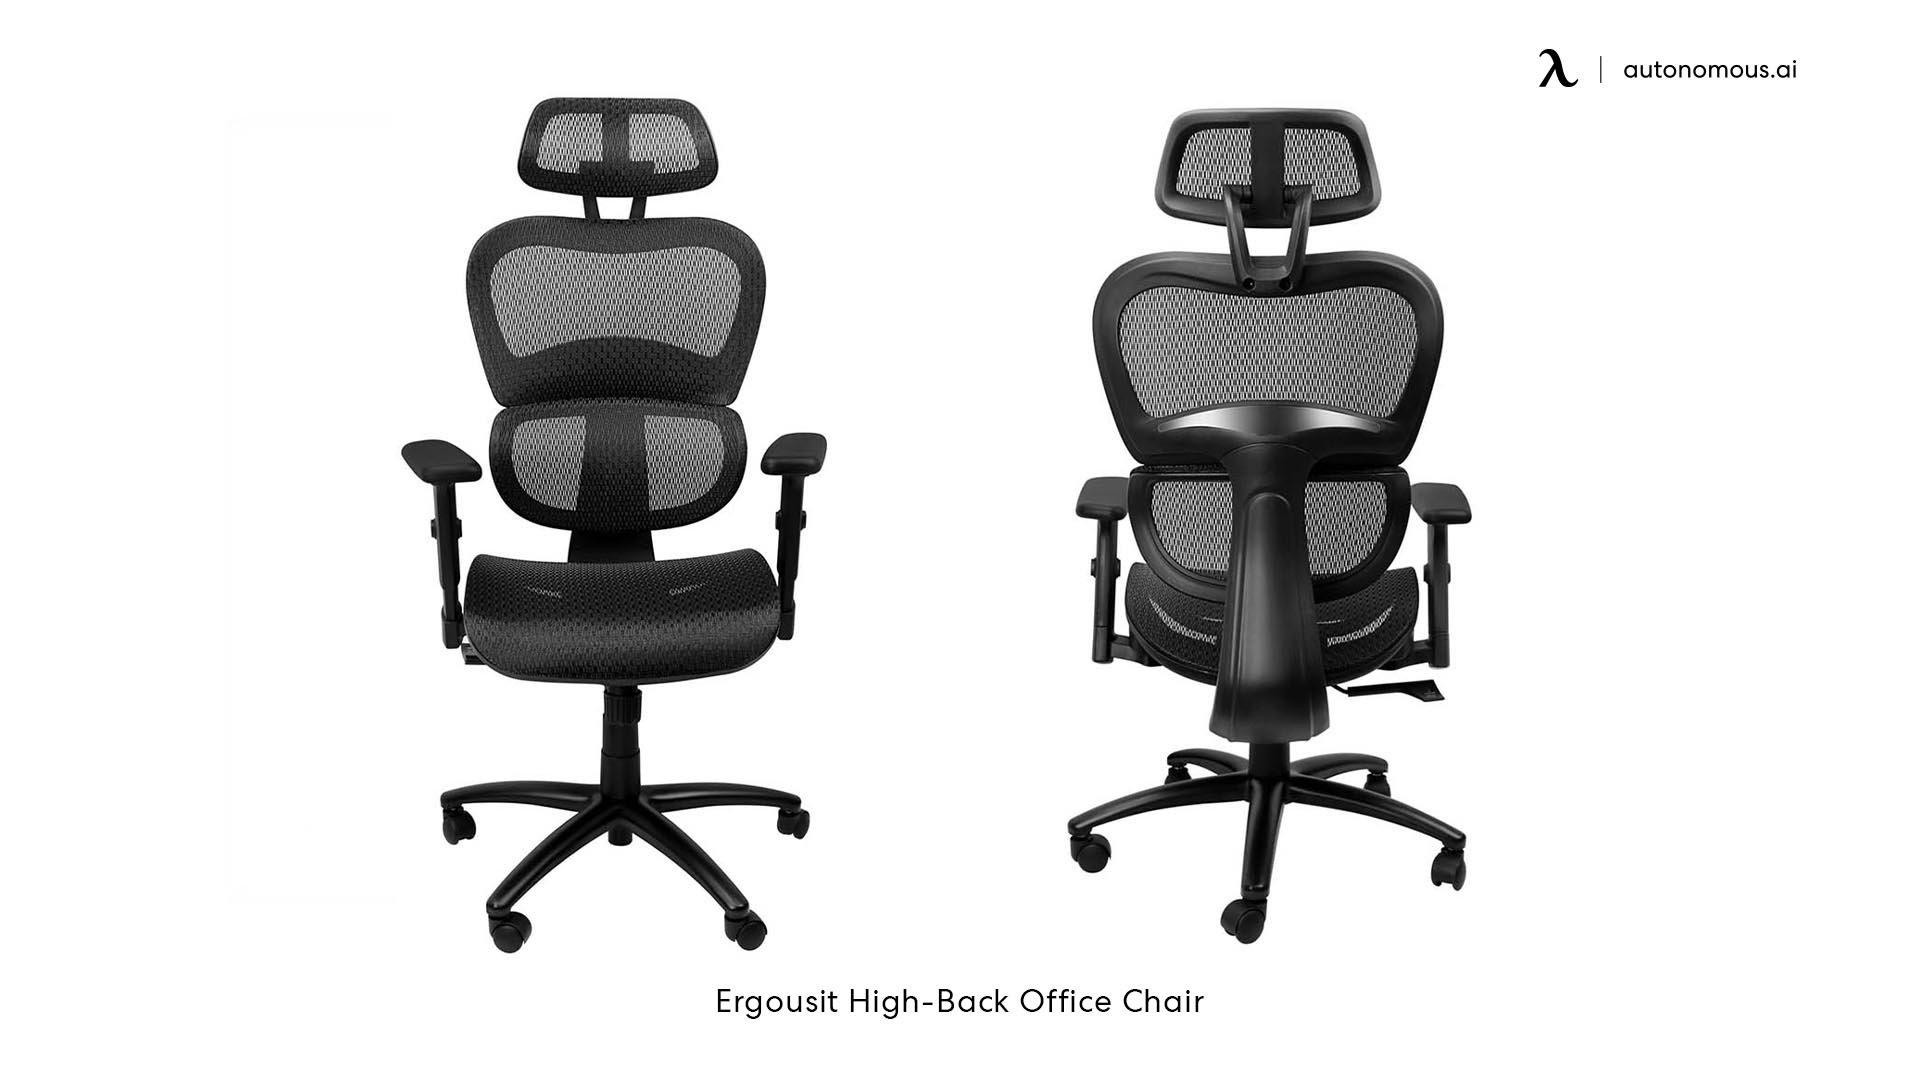 Ergousit High-Back Office Chair